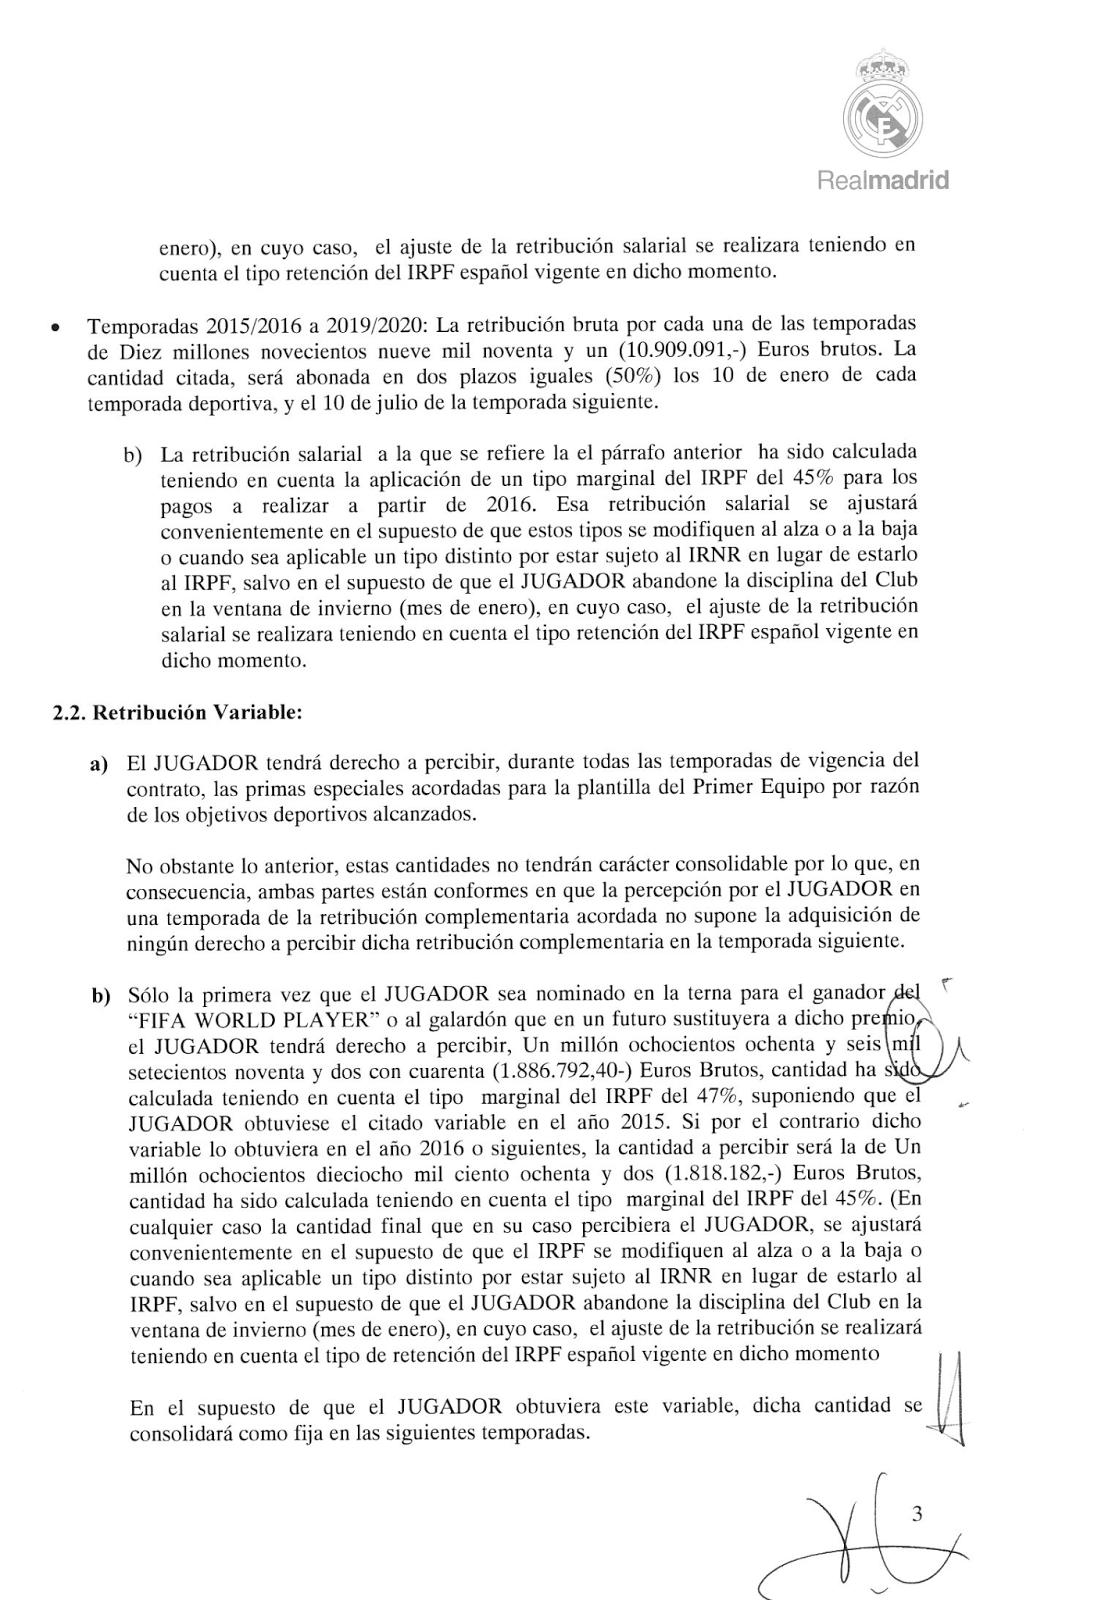 DerechoWeb: Contrato Privado de Toni Kroos con el Real Madrid ...